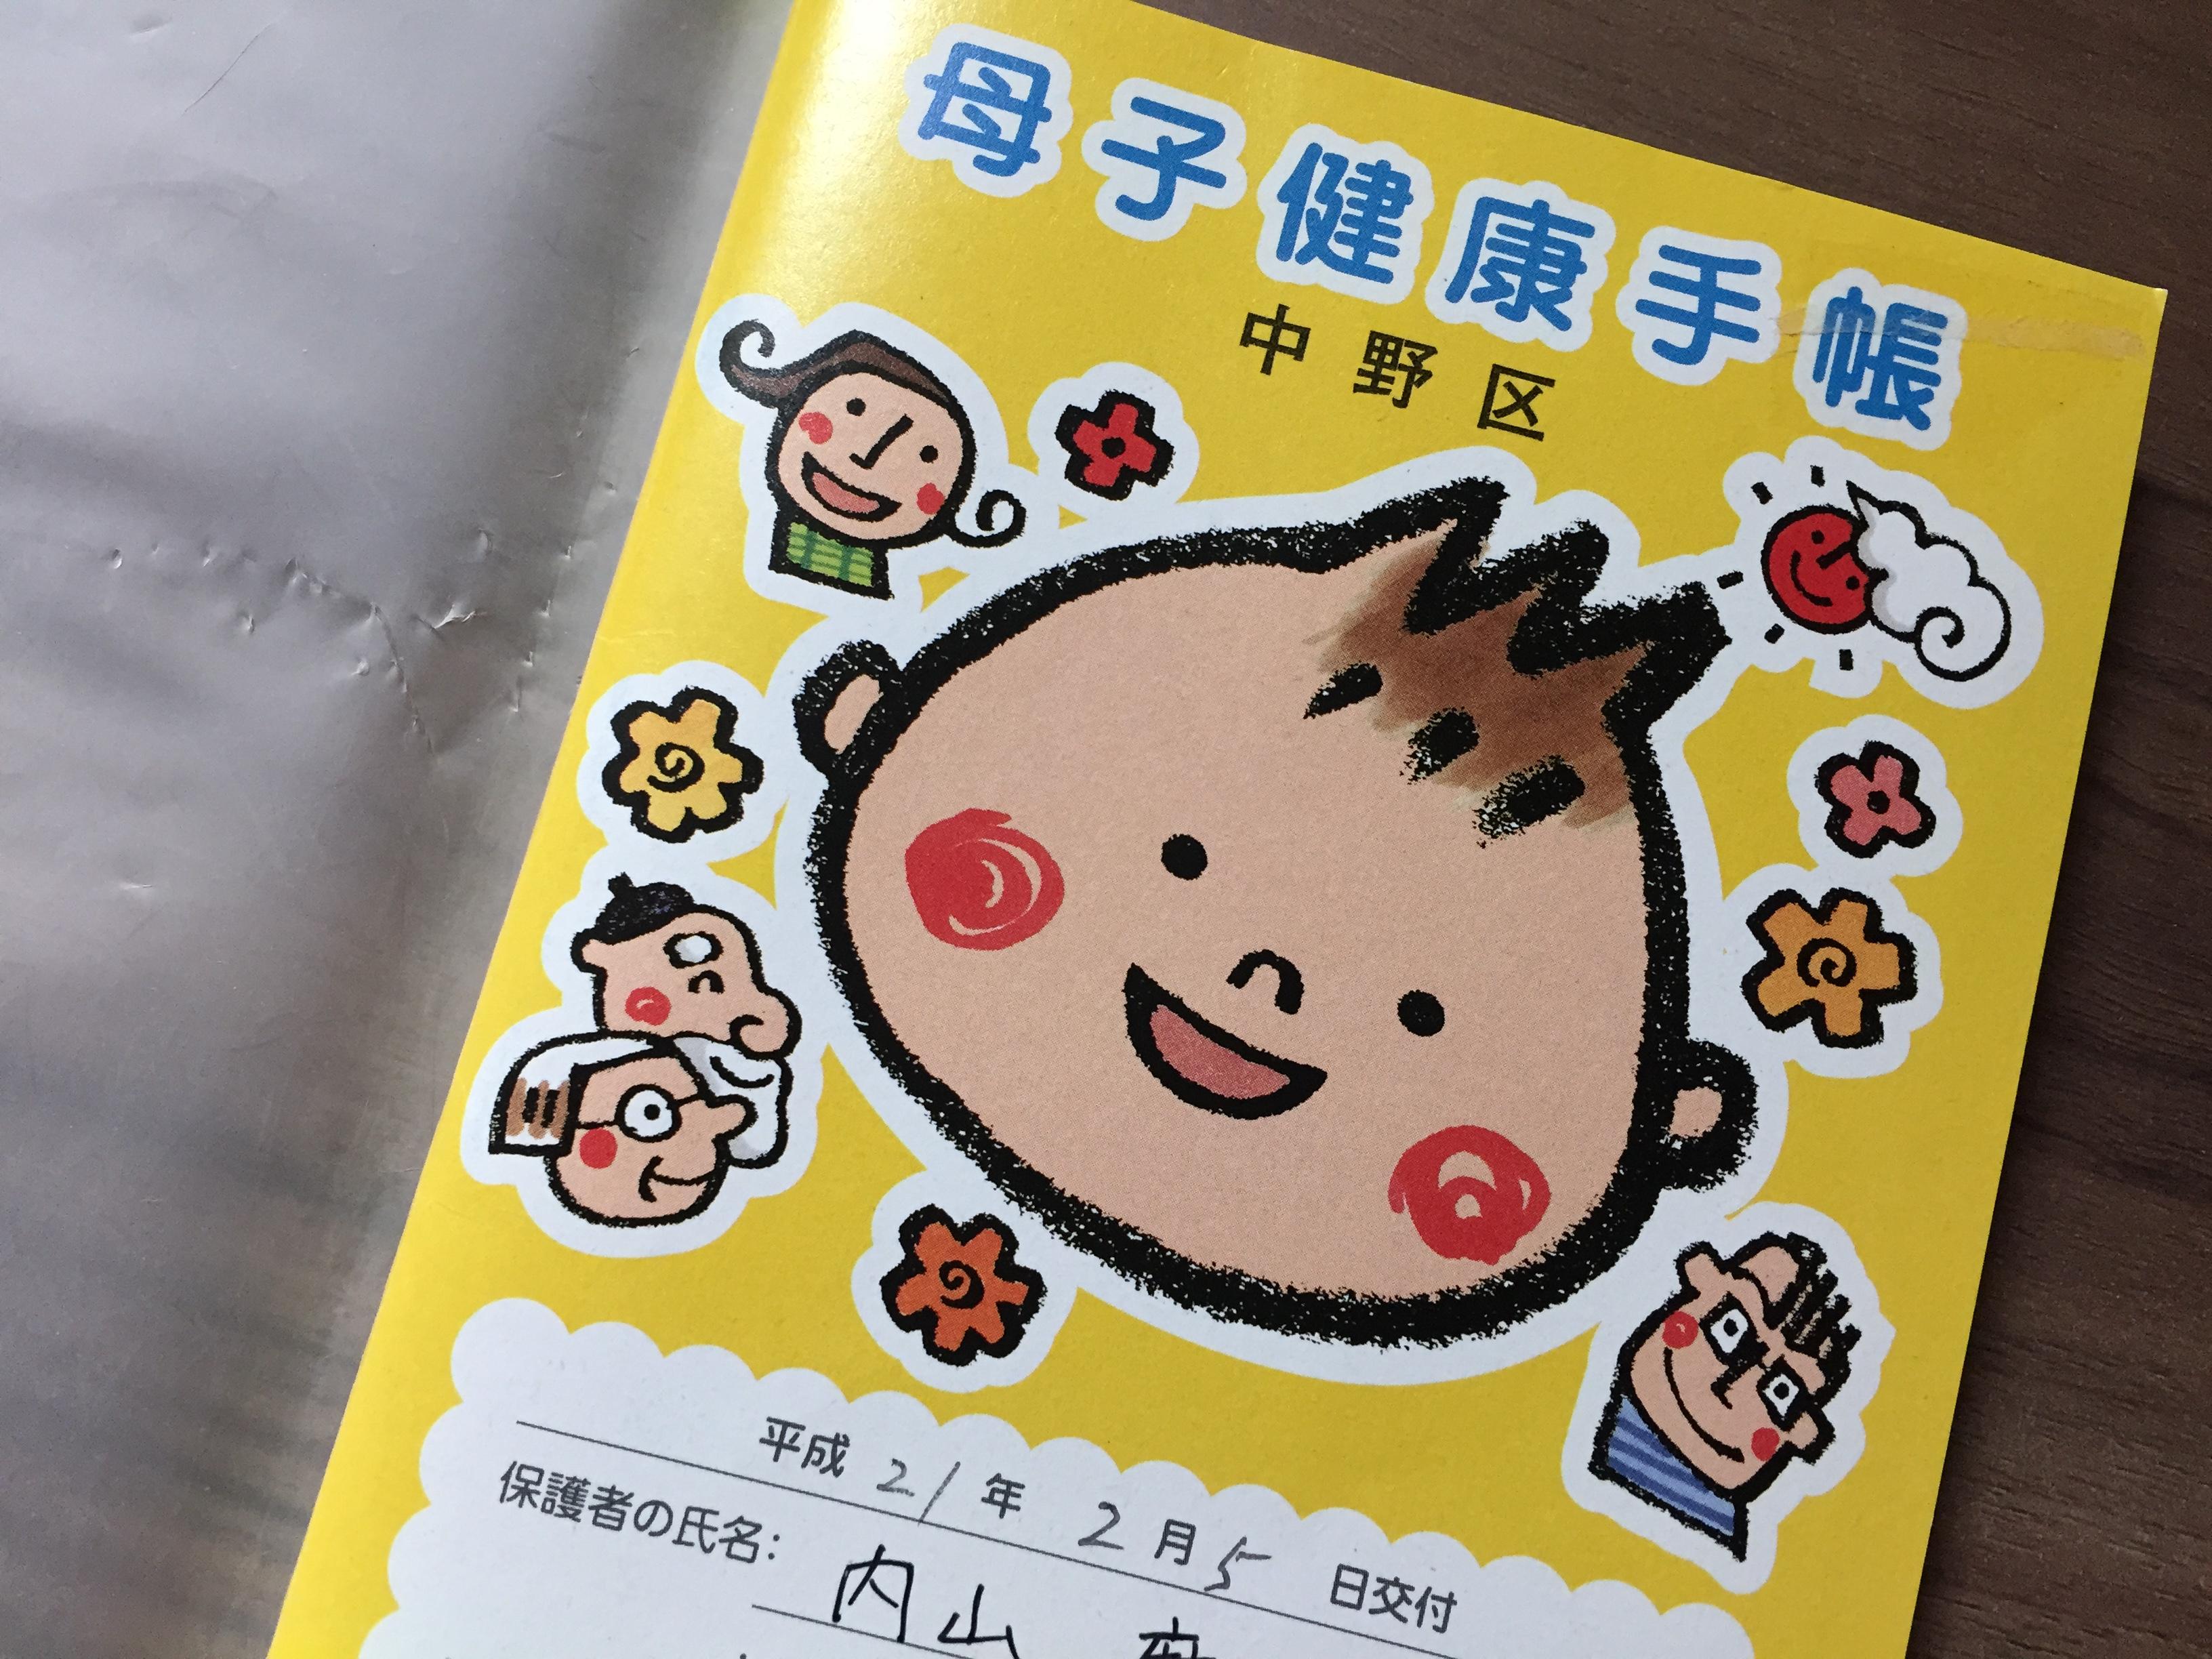 長岡市で妊娠した場合、産後にはどんな支援があるか調べてみた。